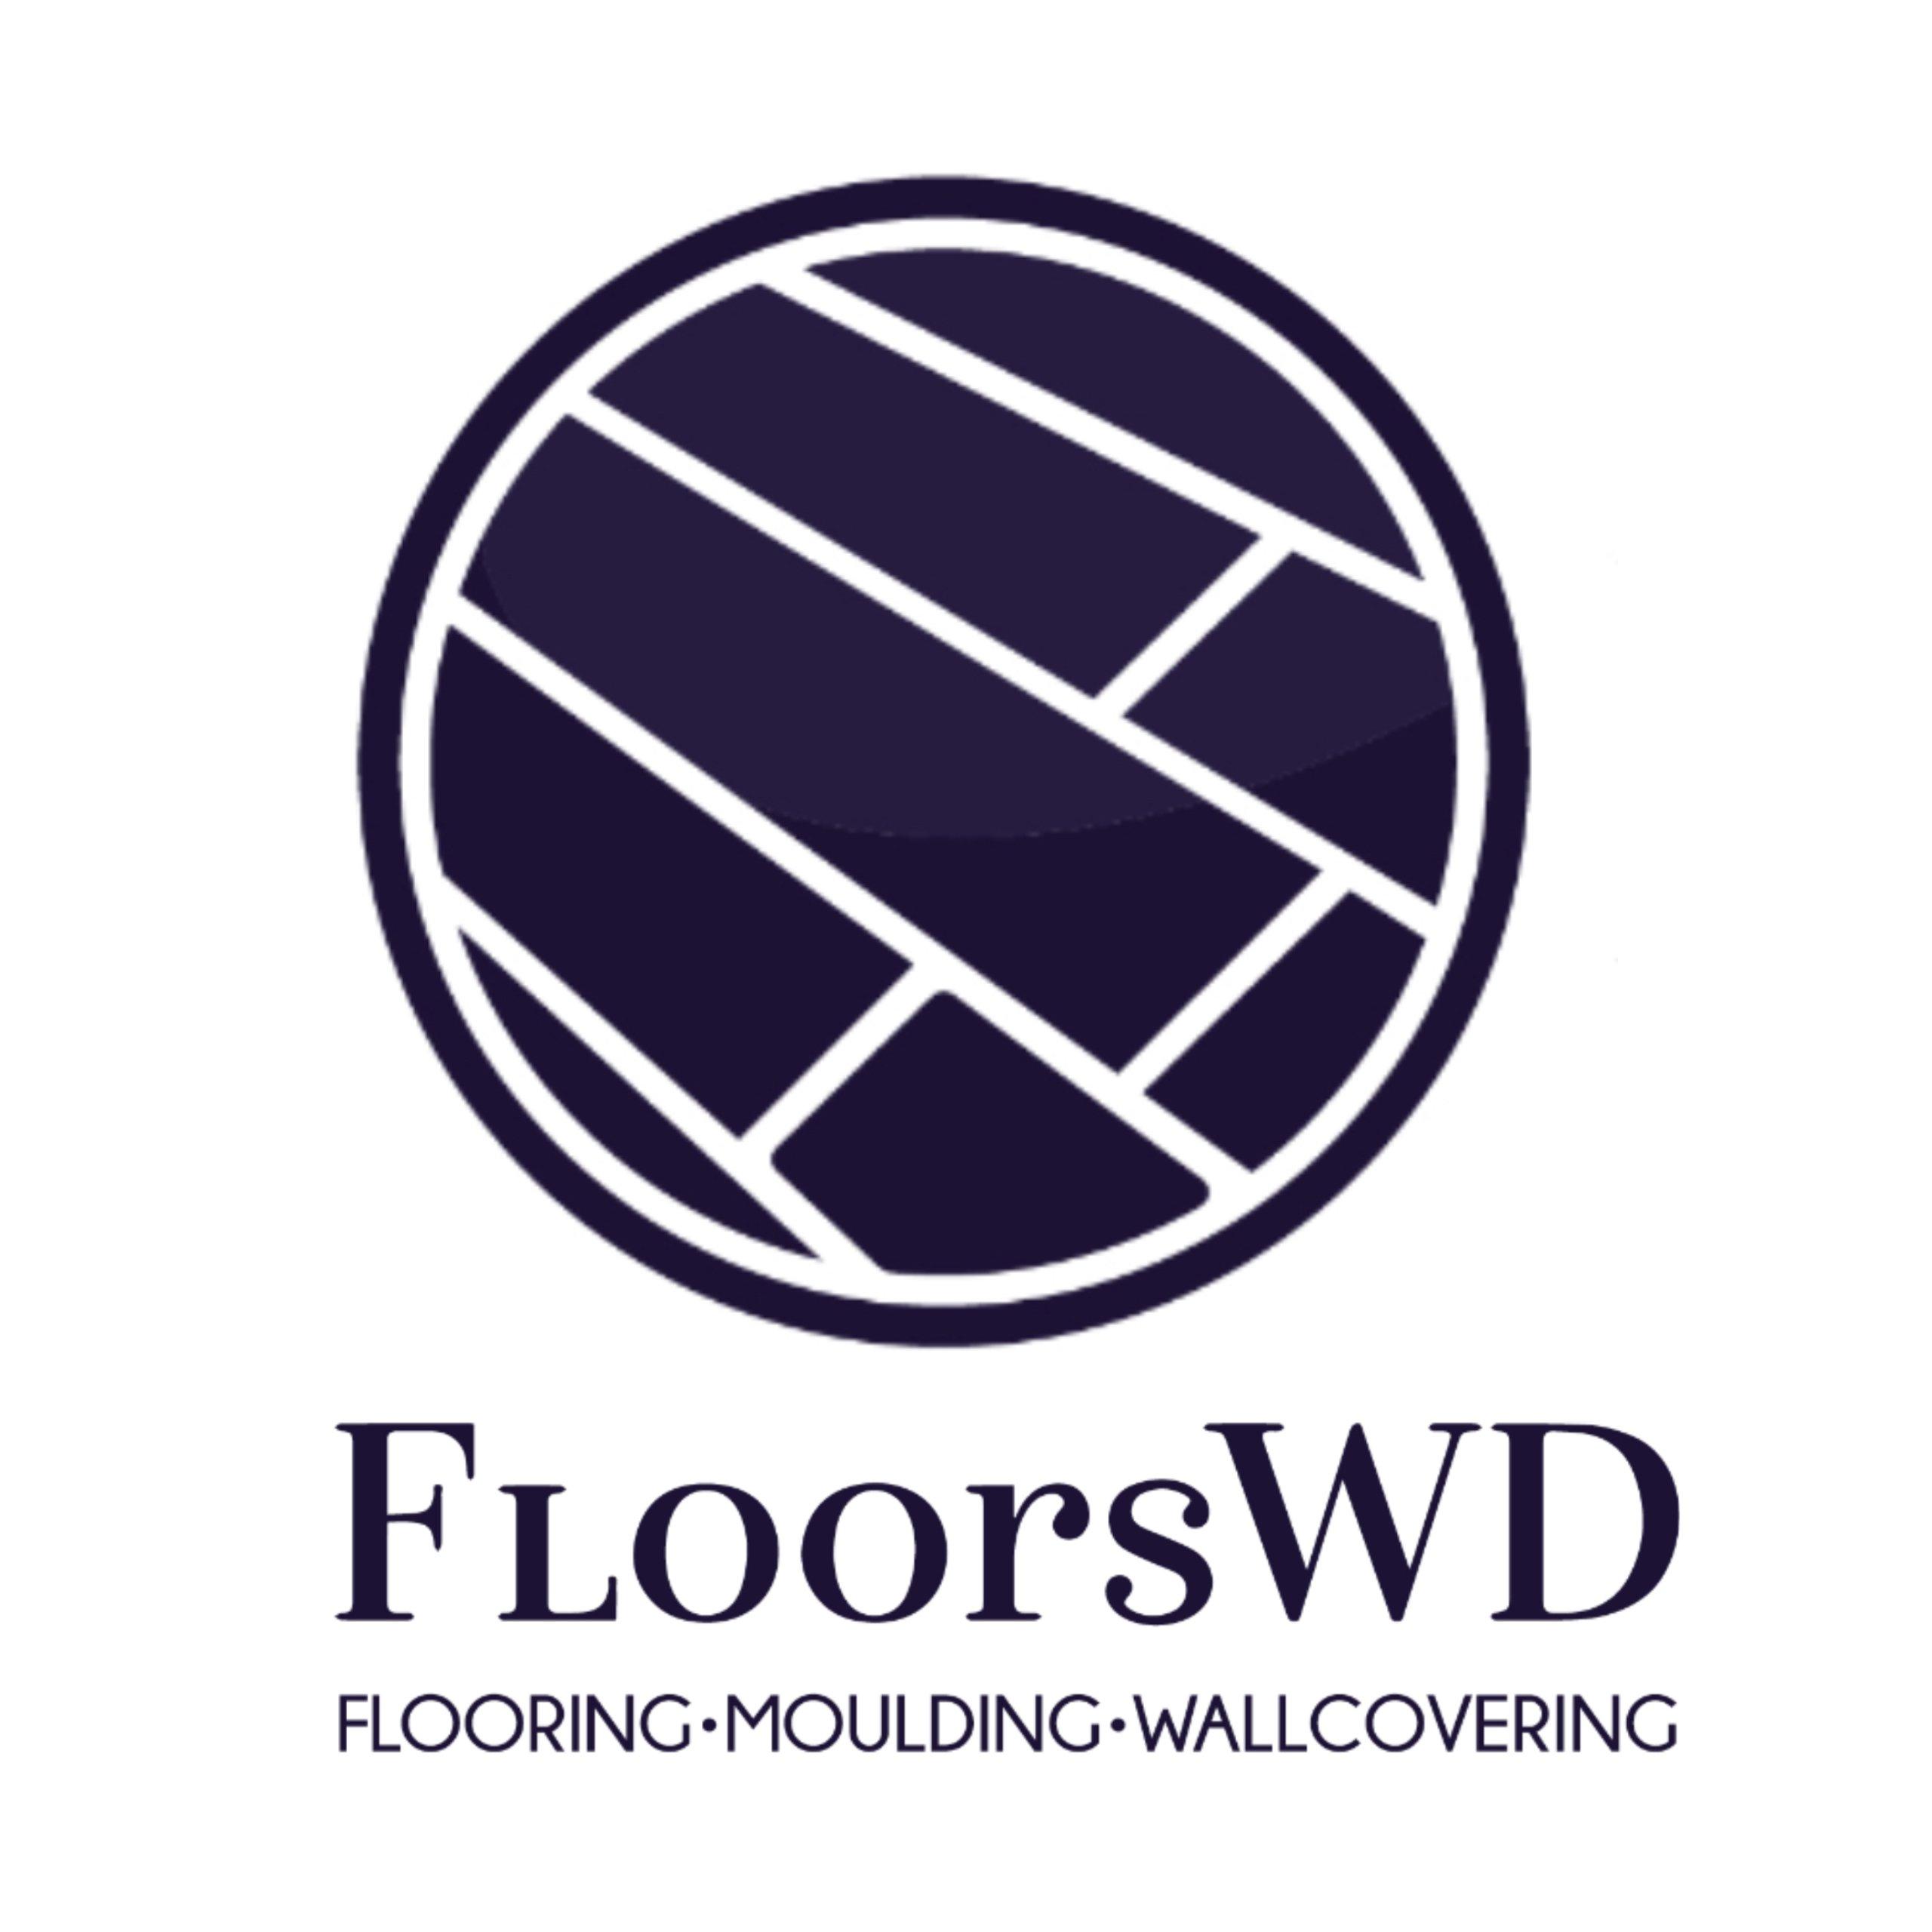 FloorsWD Limited